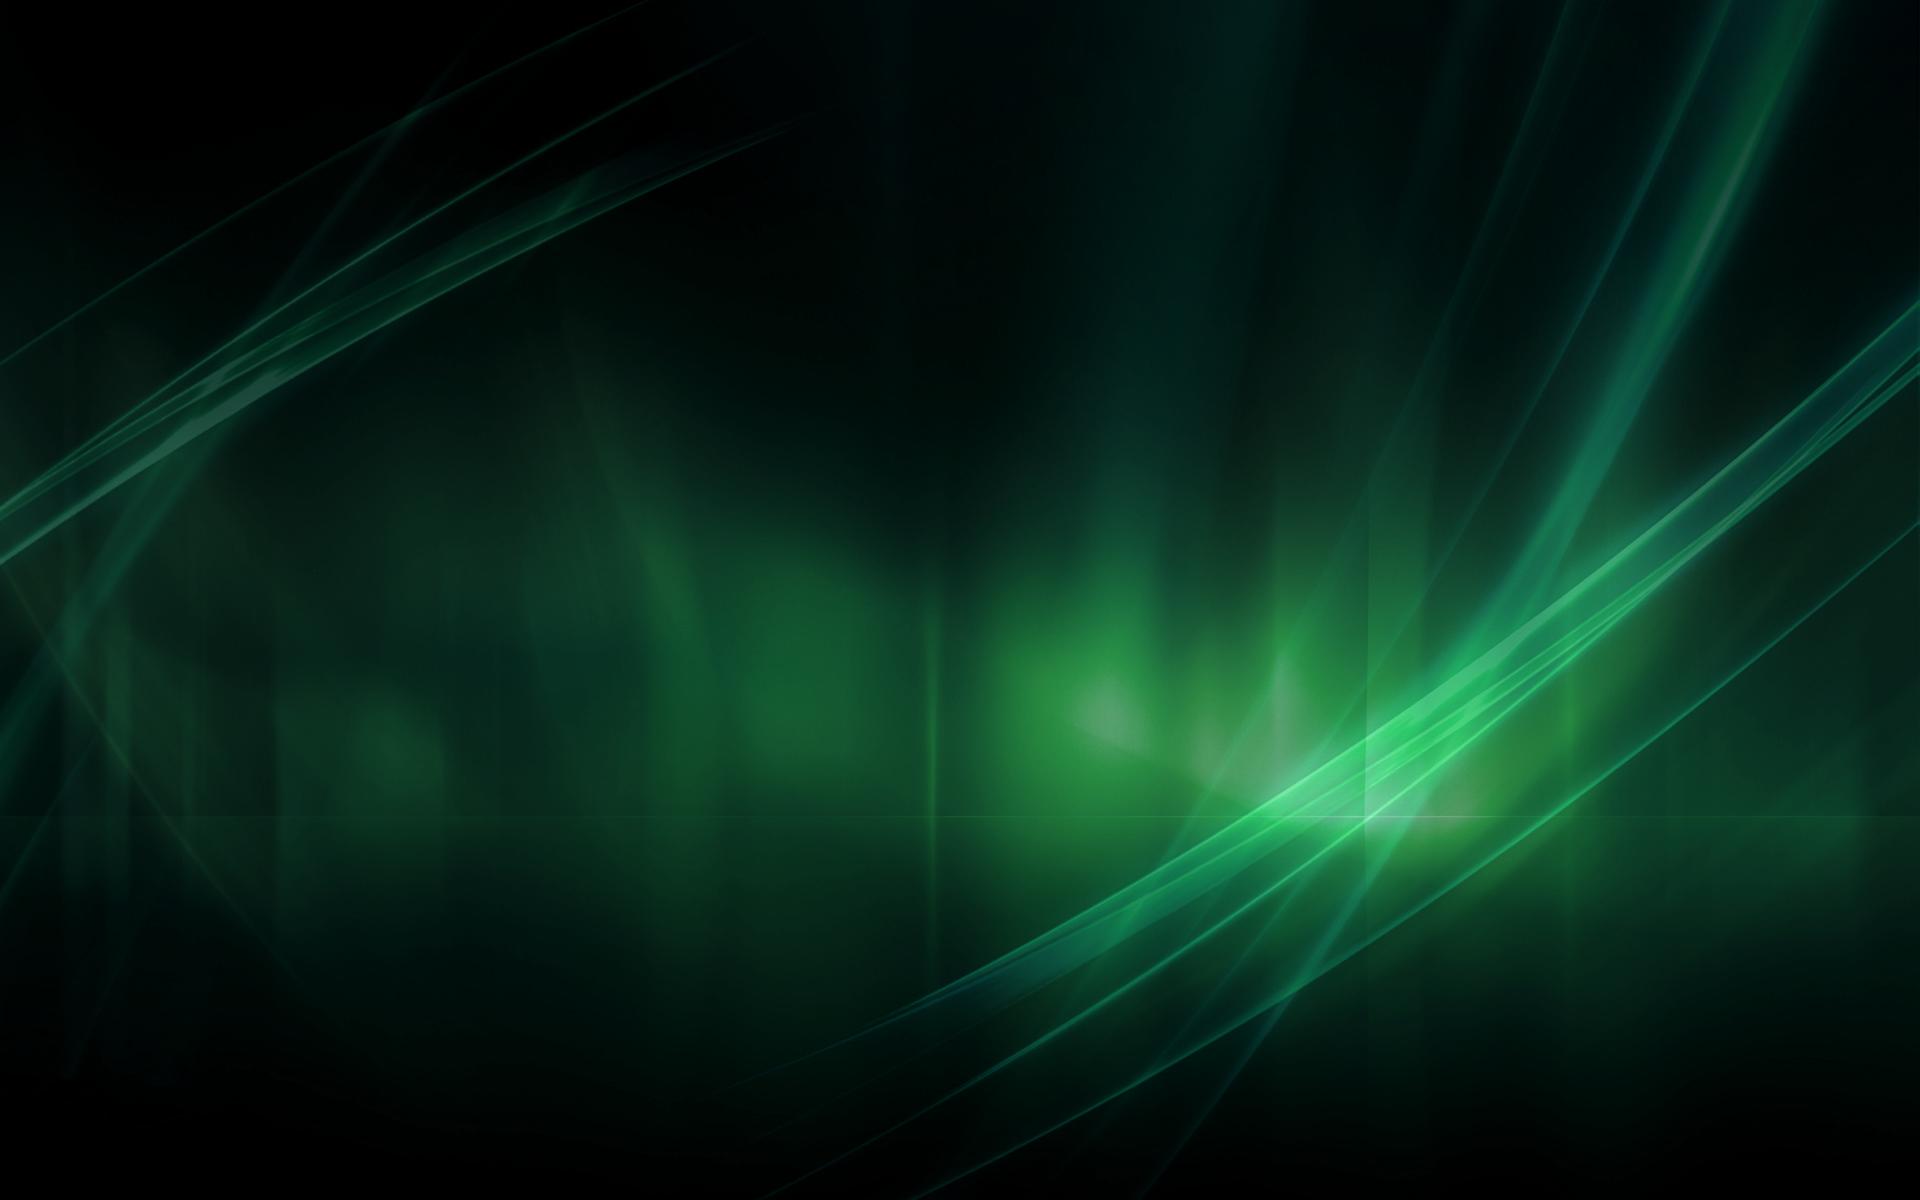 green wallpaper 17324